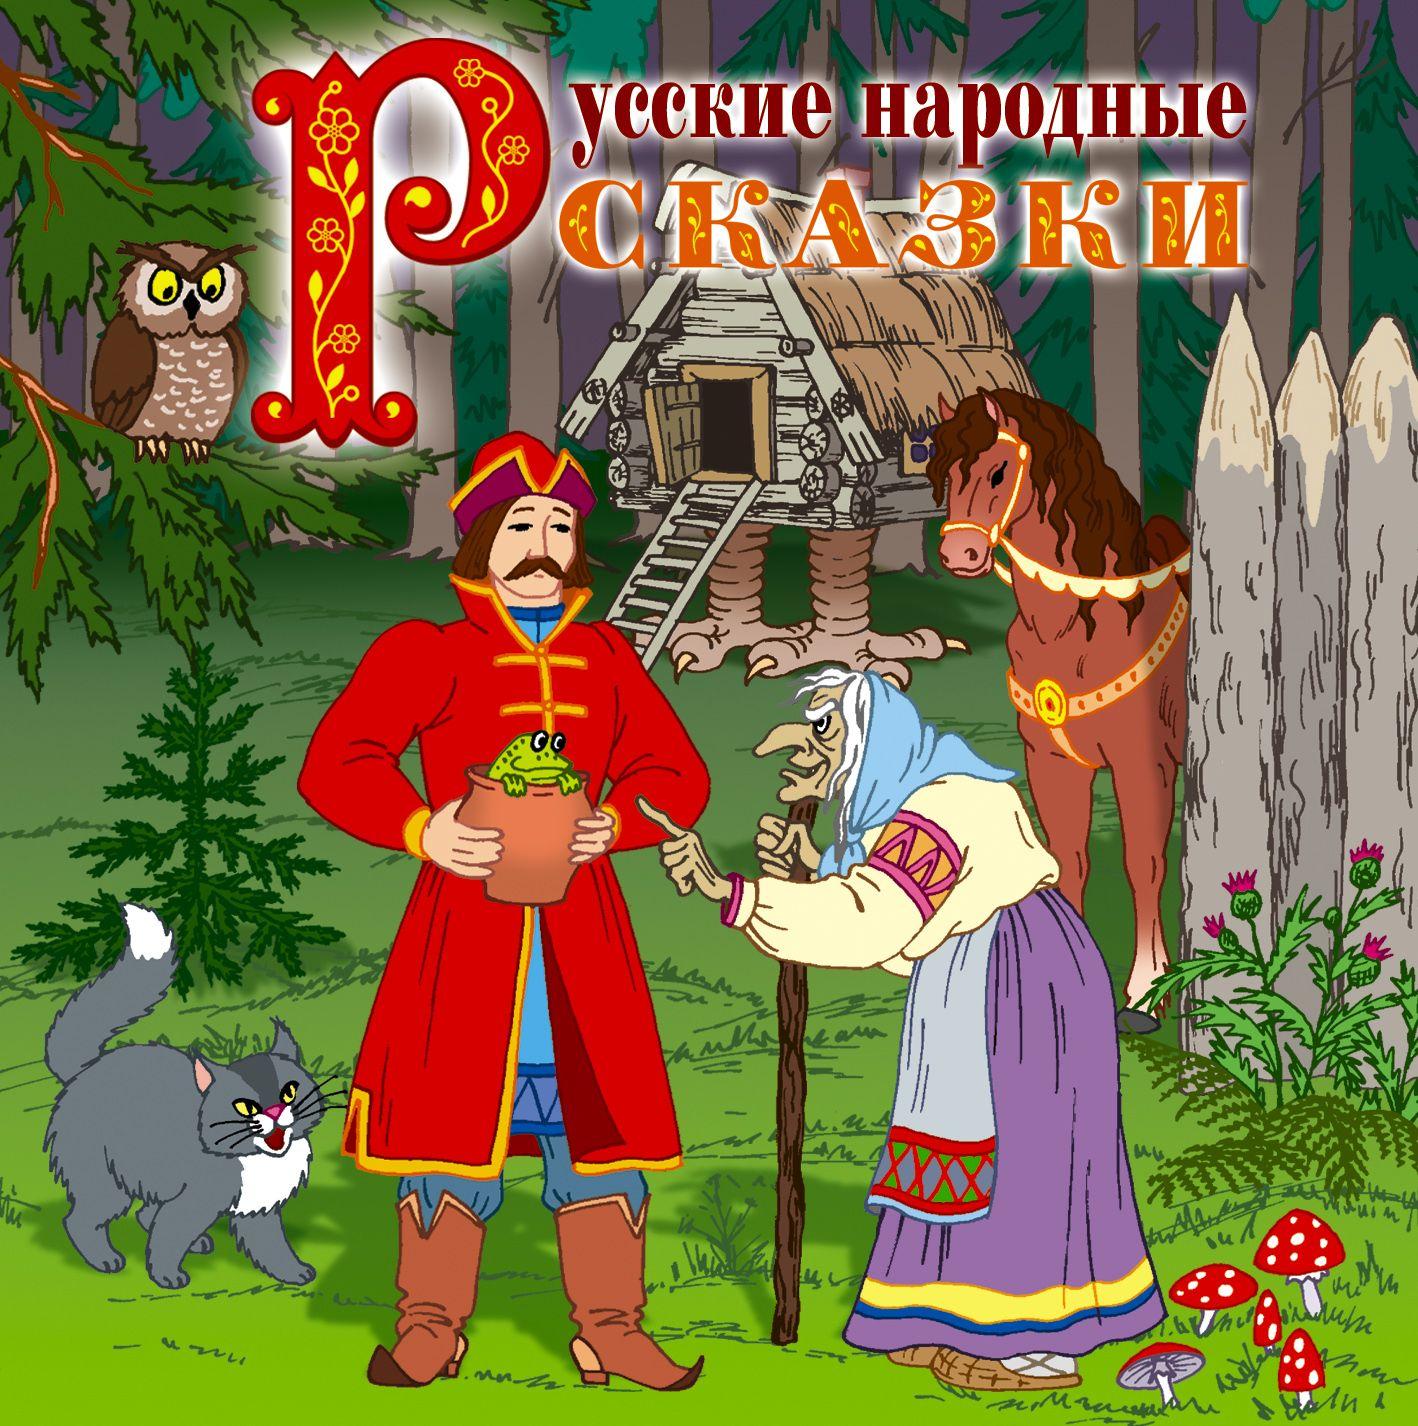 Сборник Русские народные сказки 2 сборник русские народные сказки 2